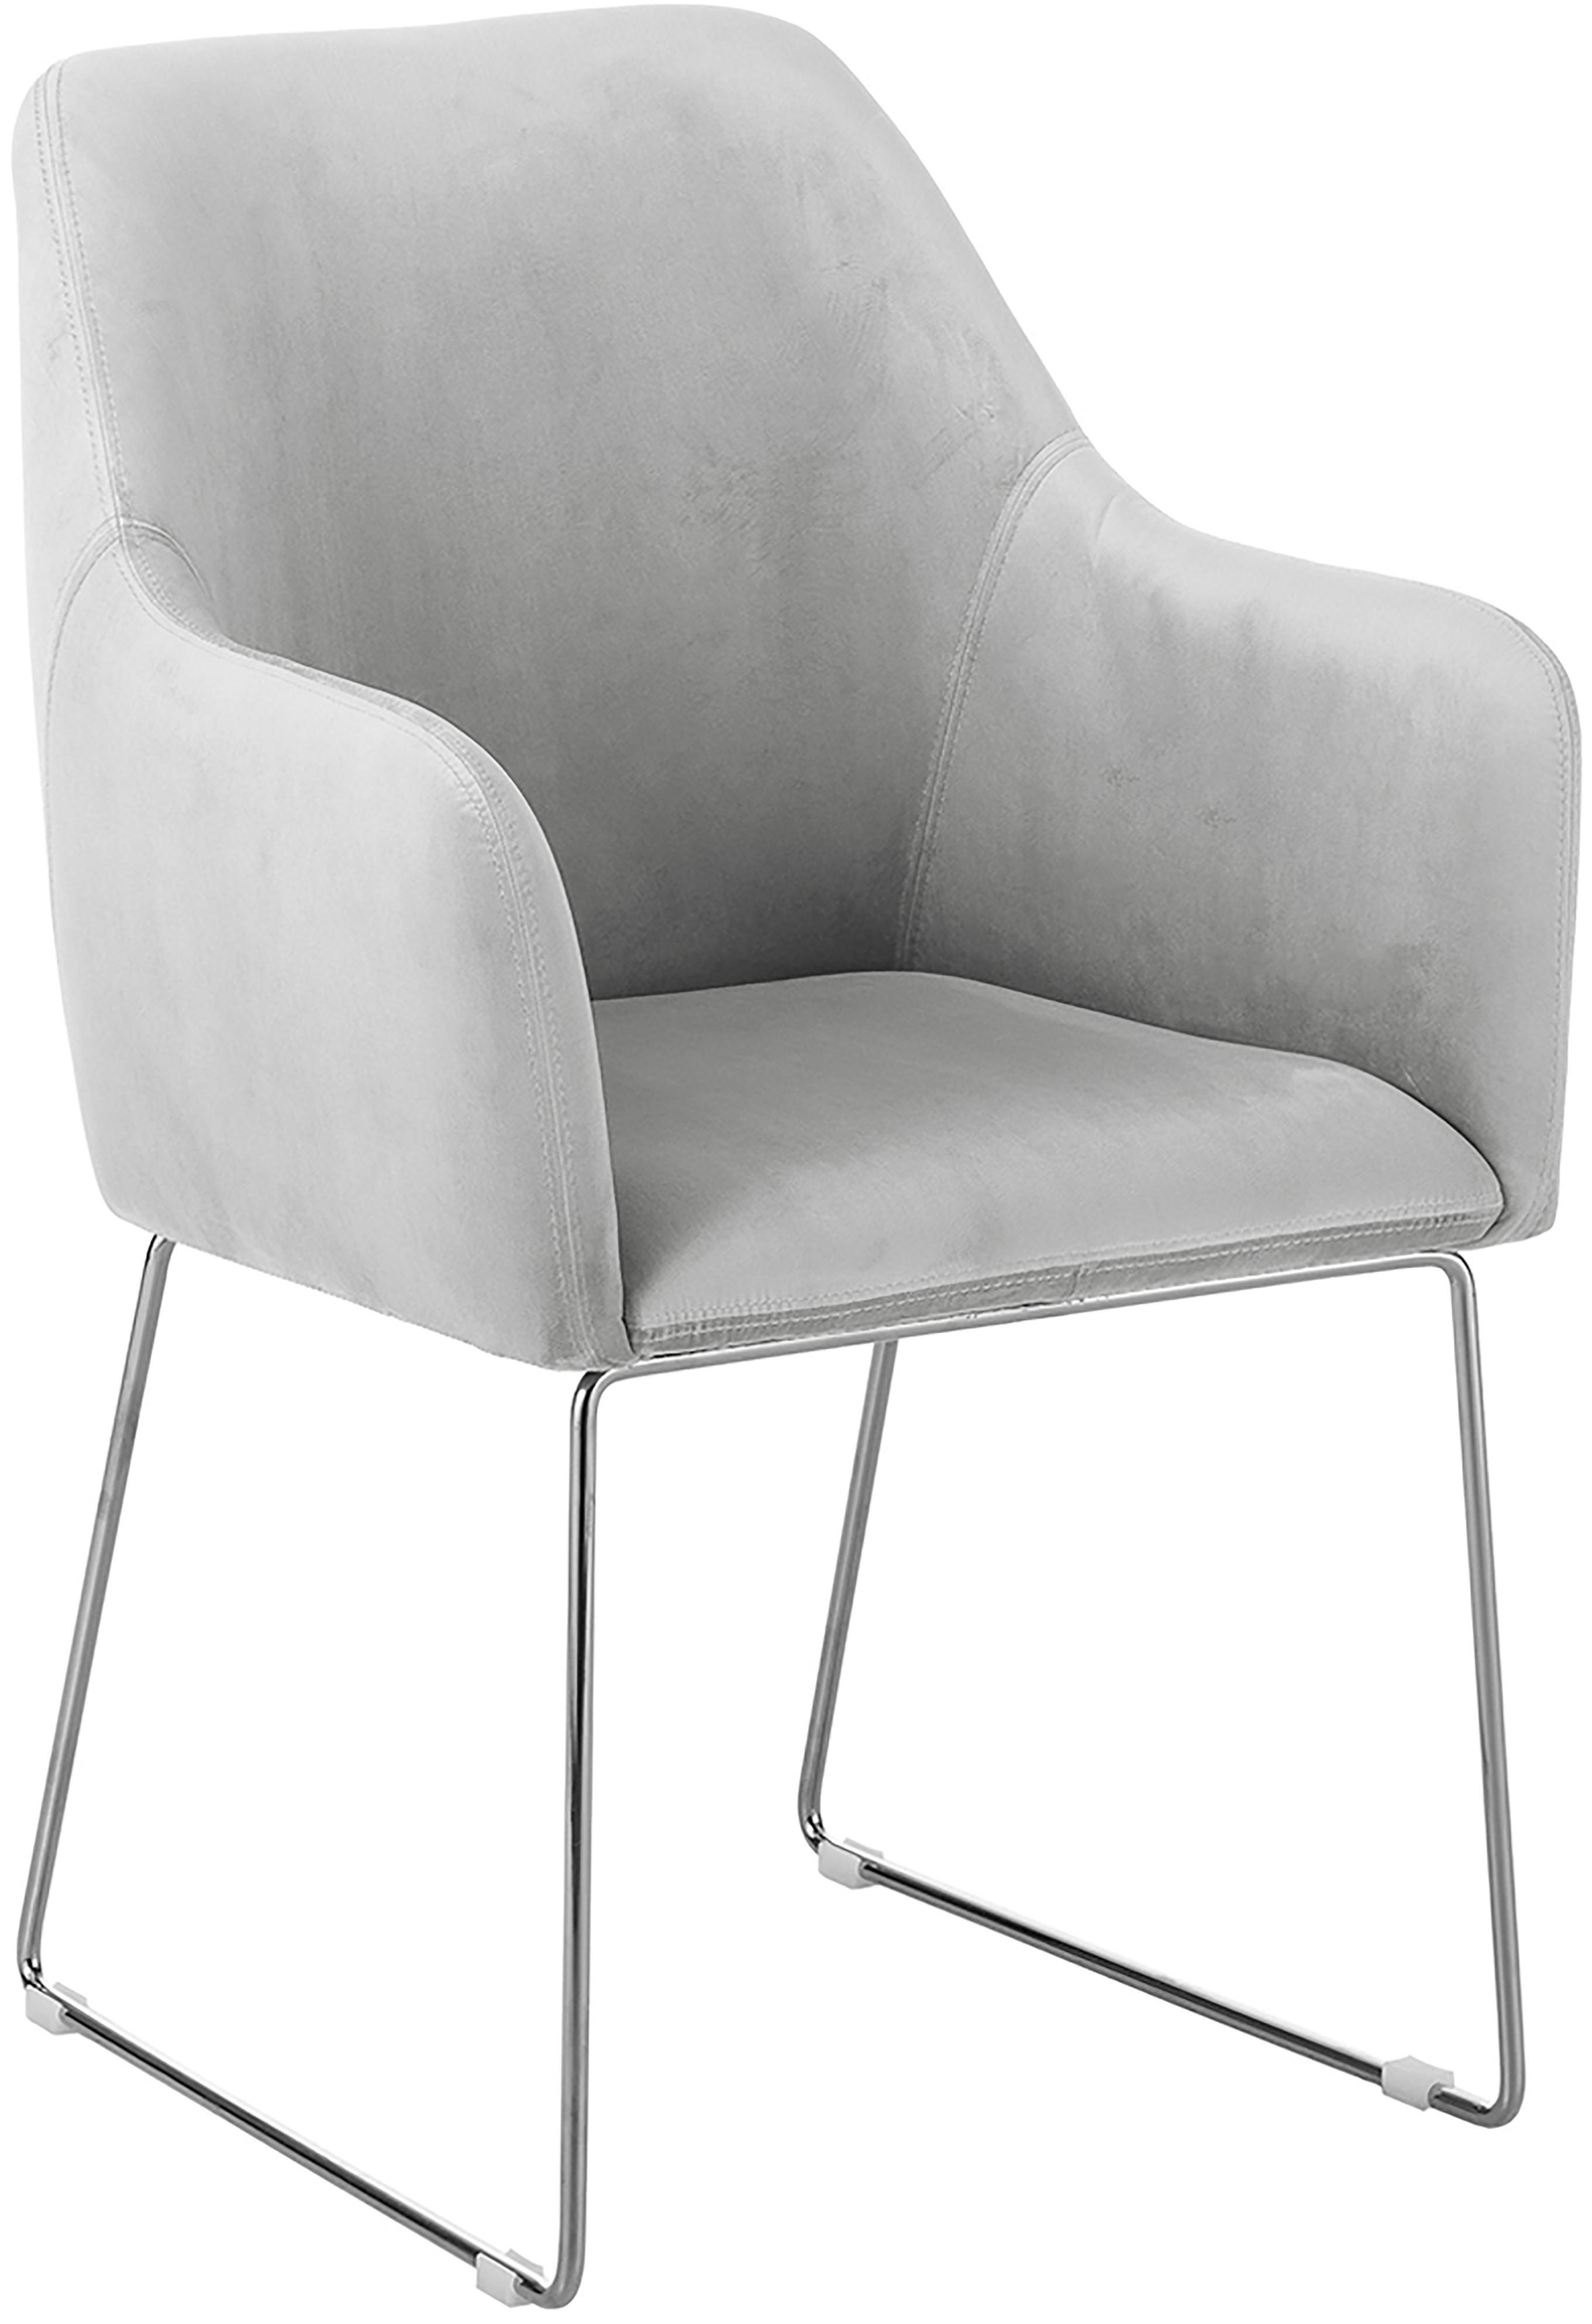 Samt-Polsterstuhl Isla mit Armlehne, Bezug: Samt (Polyester) Der hoch, Beine: Metall, beschichtet, Samt Hellgrau, Beine Silber, B 58 x T 62 cm